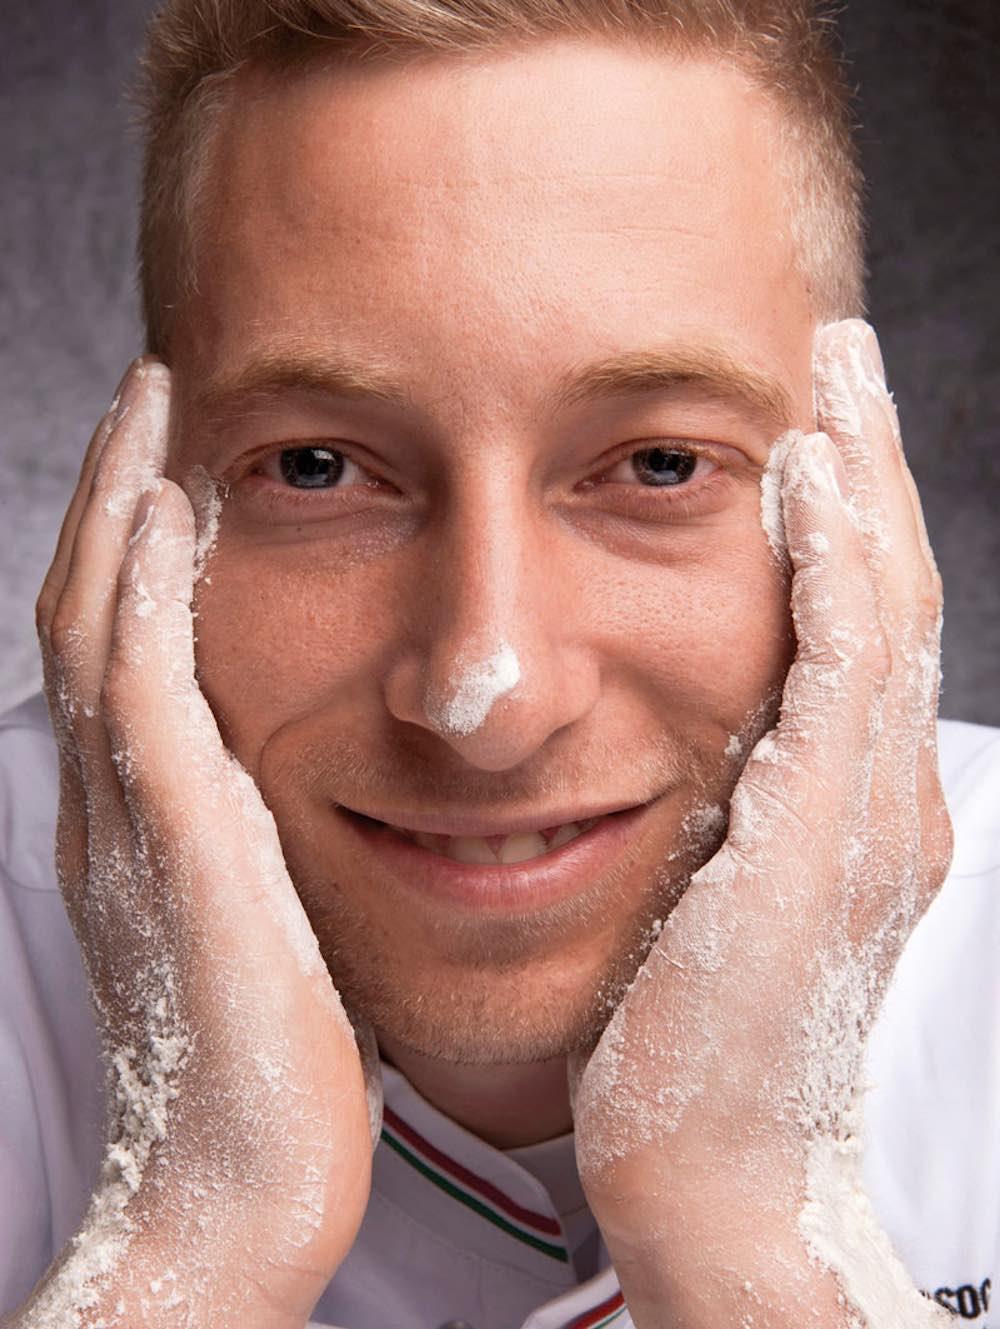 Marco Manzi, giovane pizzaiolo pluripremiato della pizzeria Giotto di Firenze